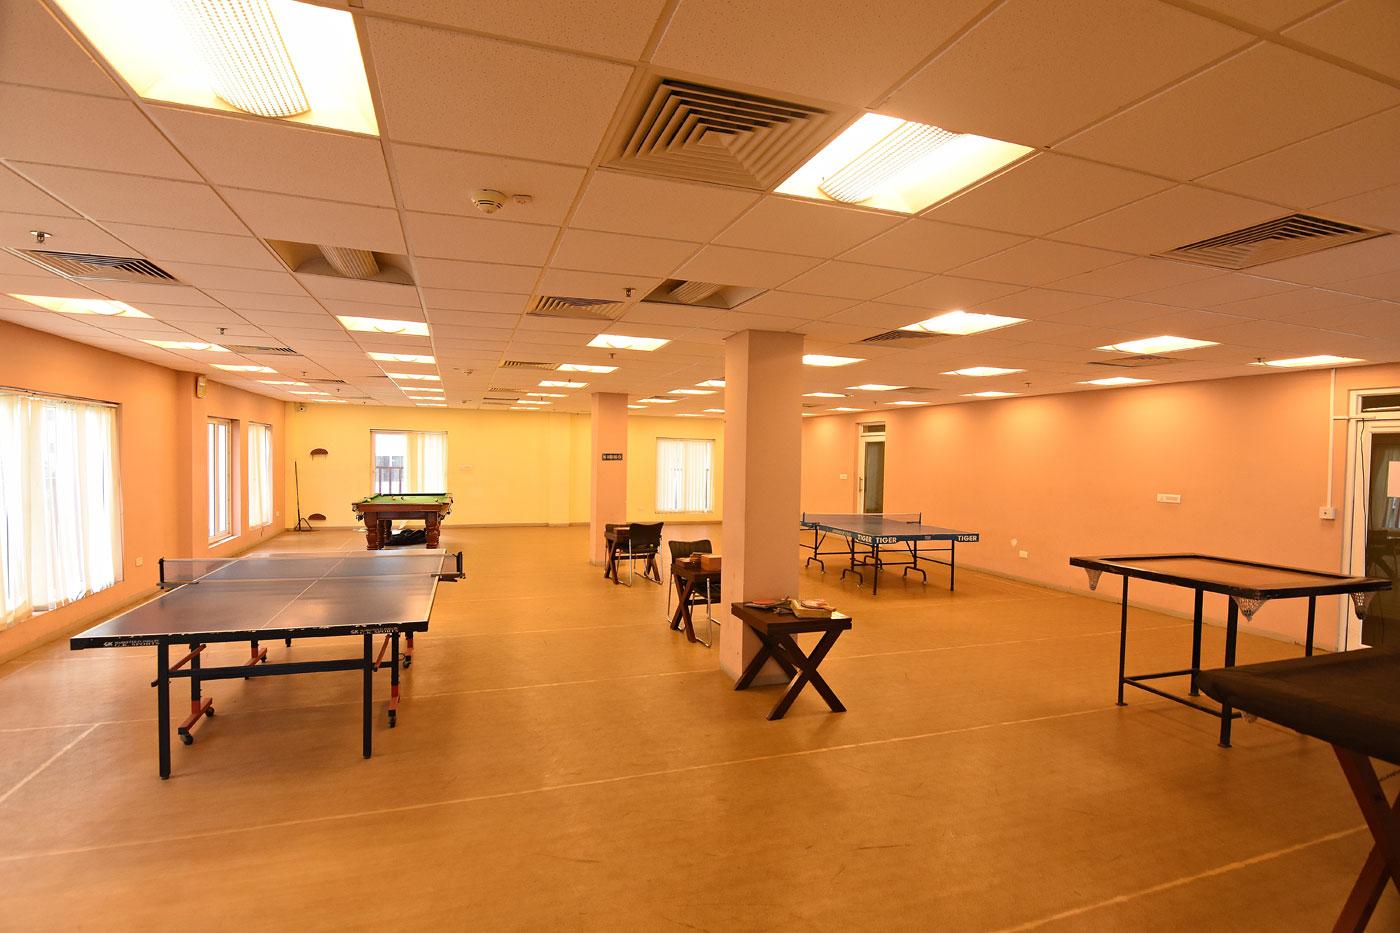 Indoor games arena: Actual Image